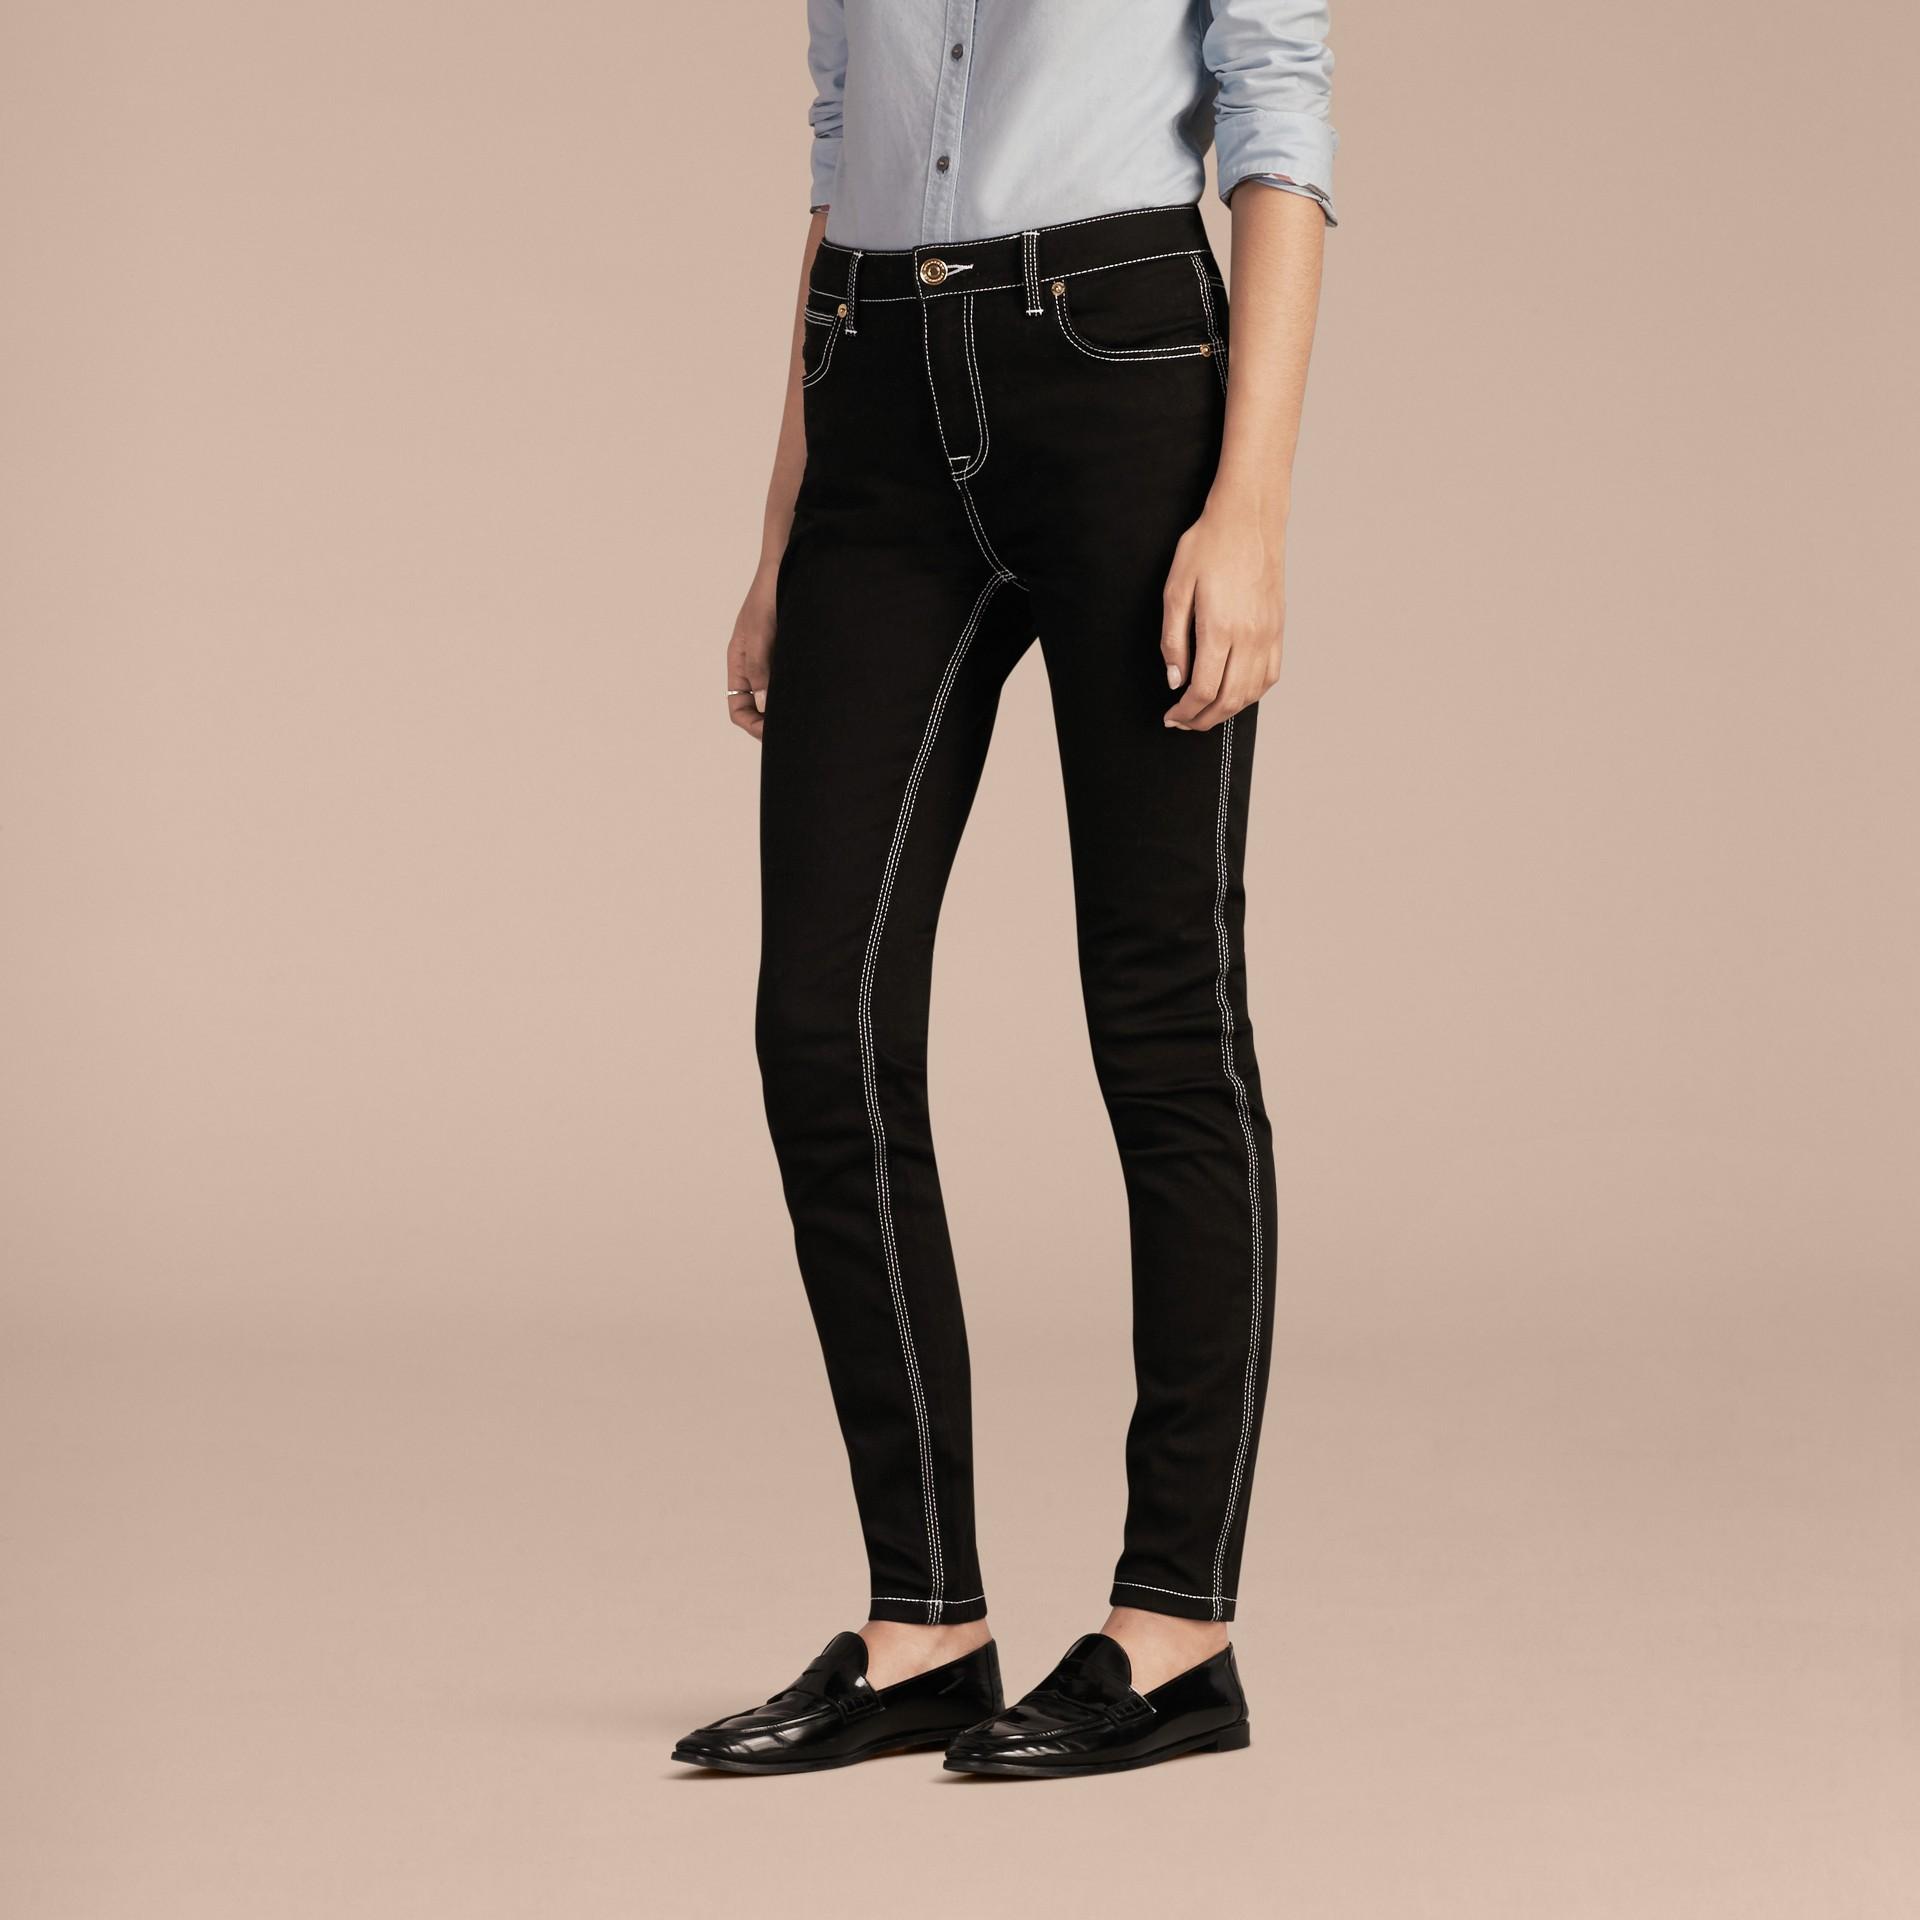 Nero Jeans stretch attillati con impunture a contrasto - immagine della galleria 6